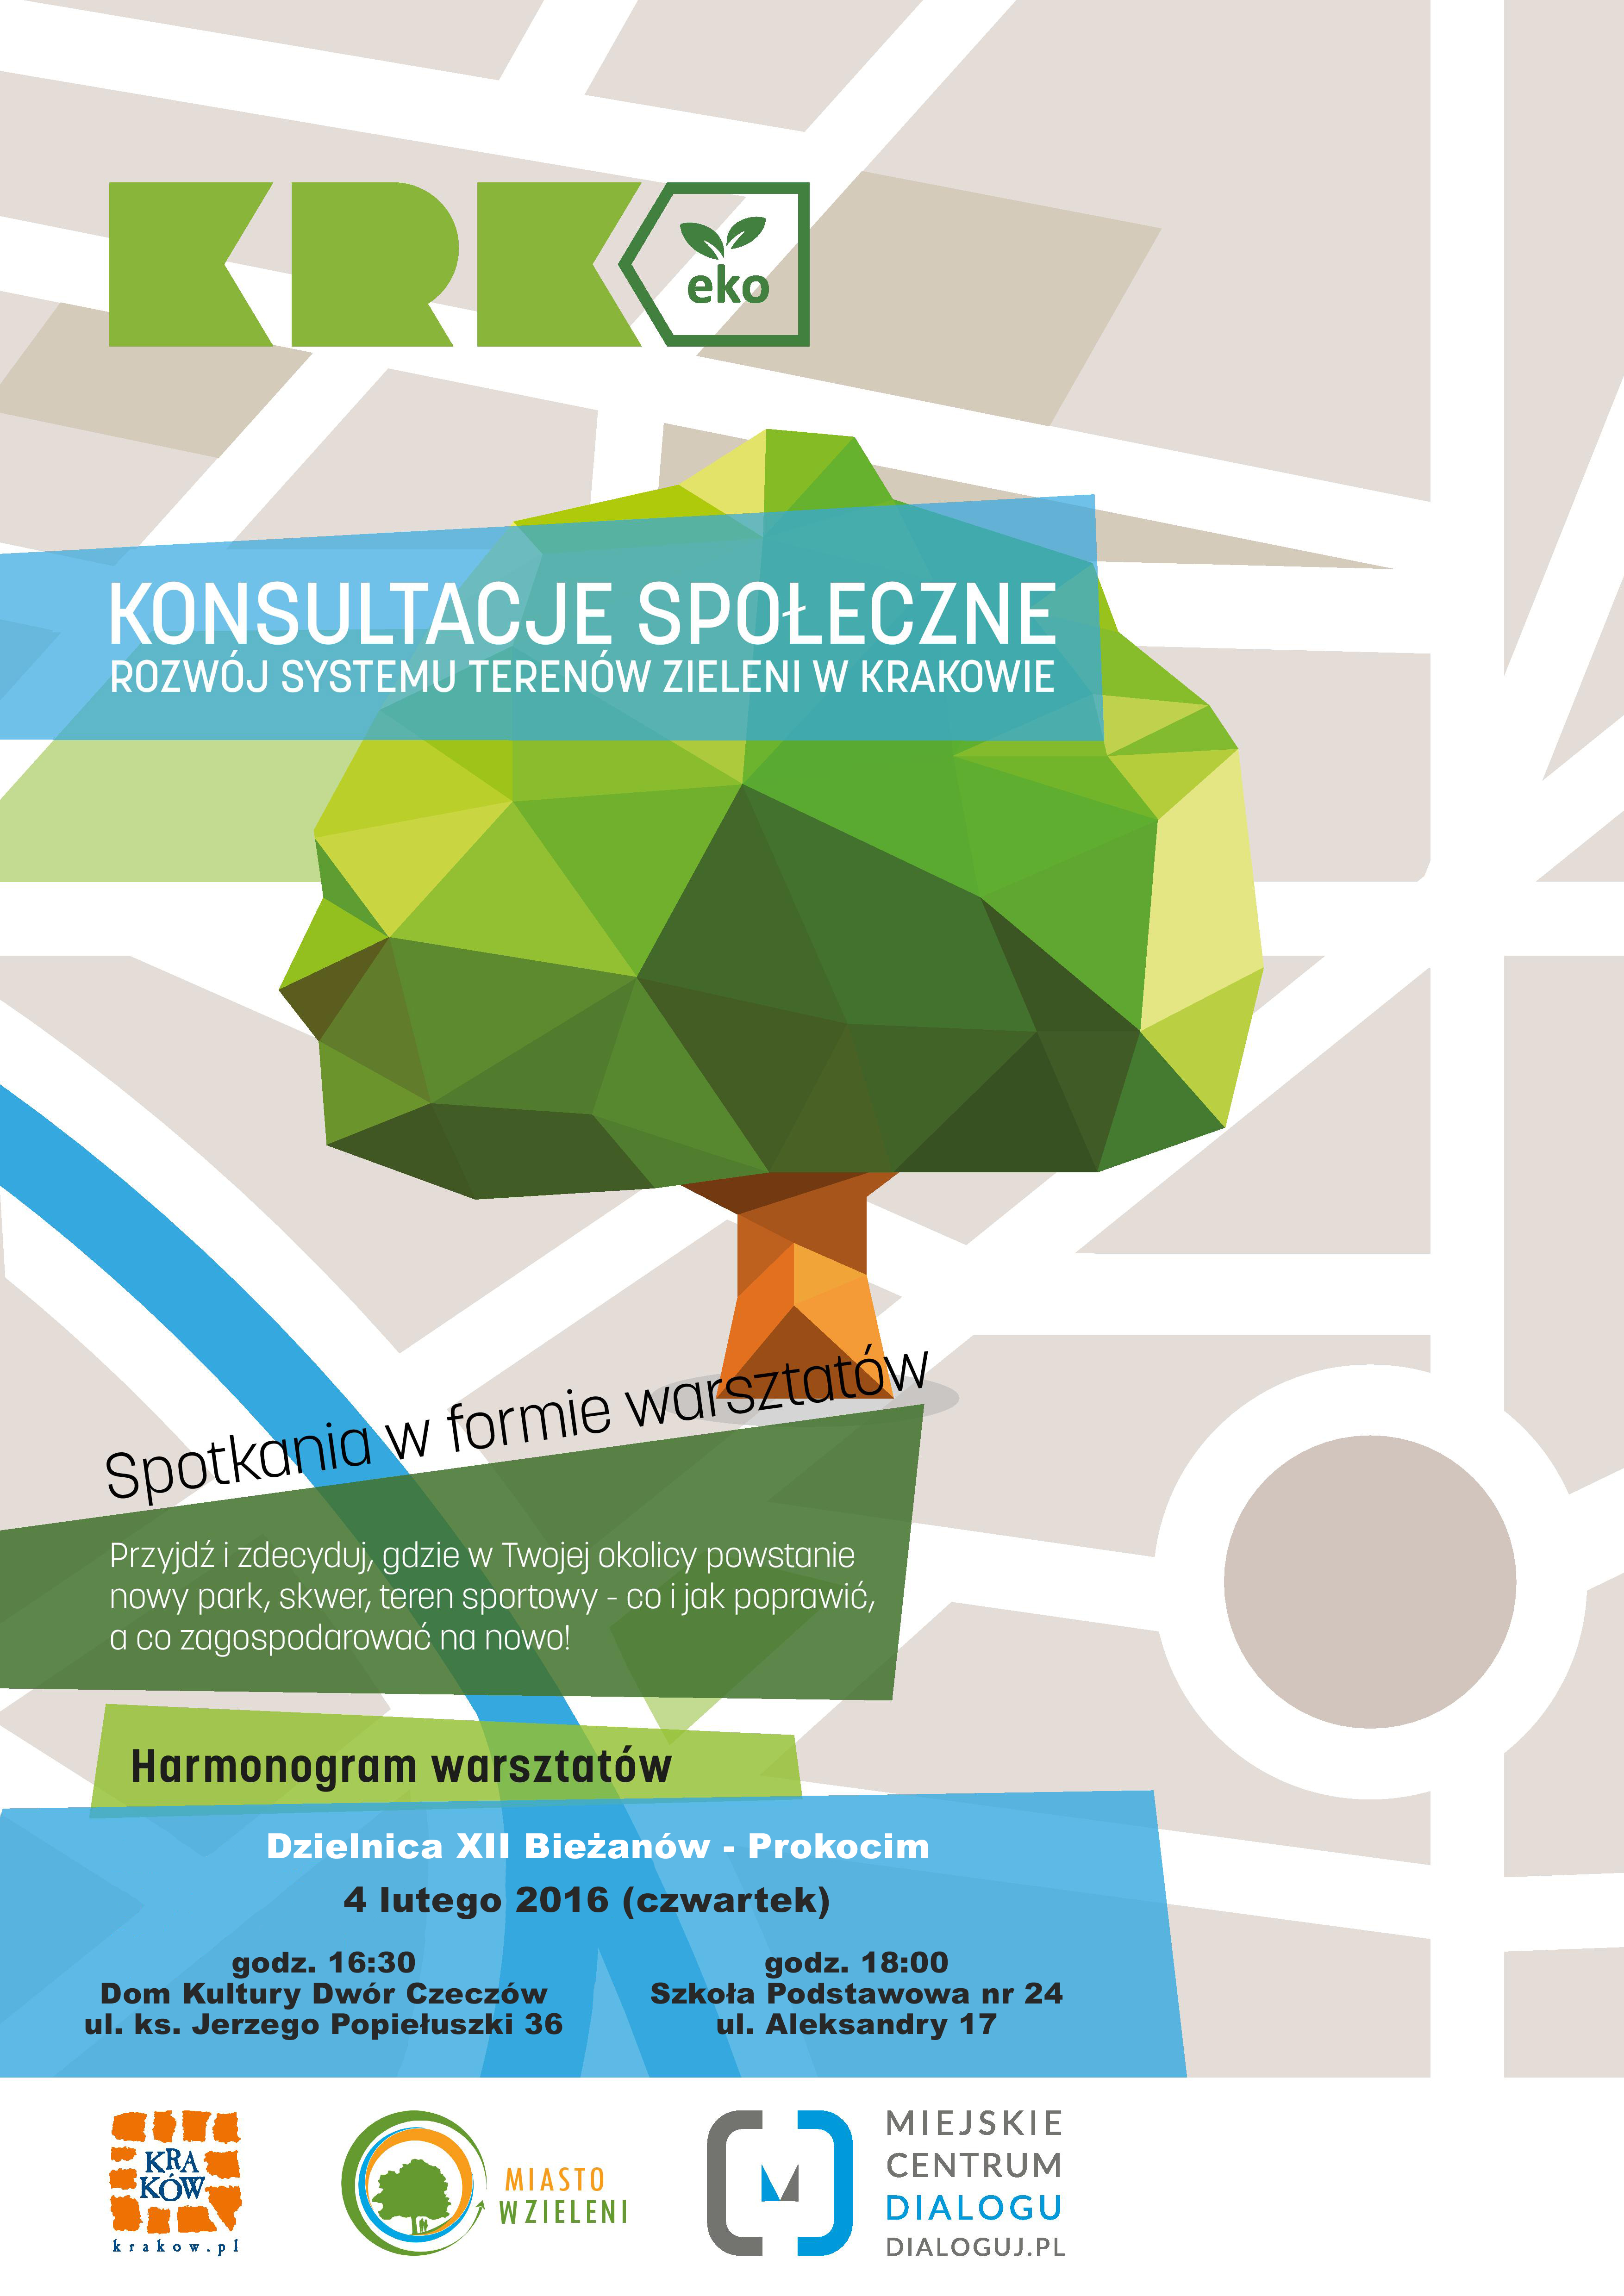 Konsultacje społeczne dot. rozwóówj terenów zeielonych w Krakowie